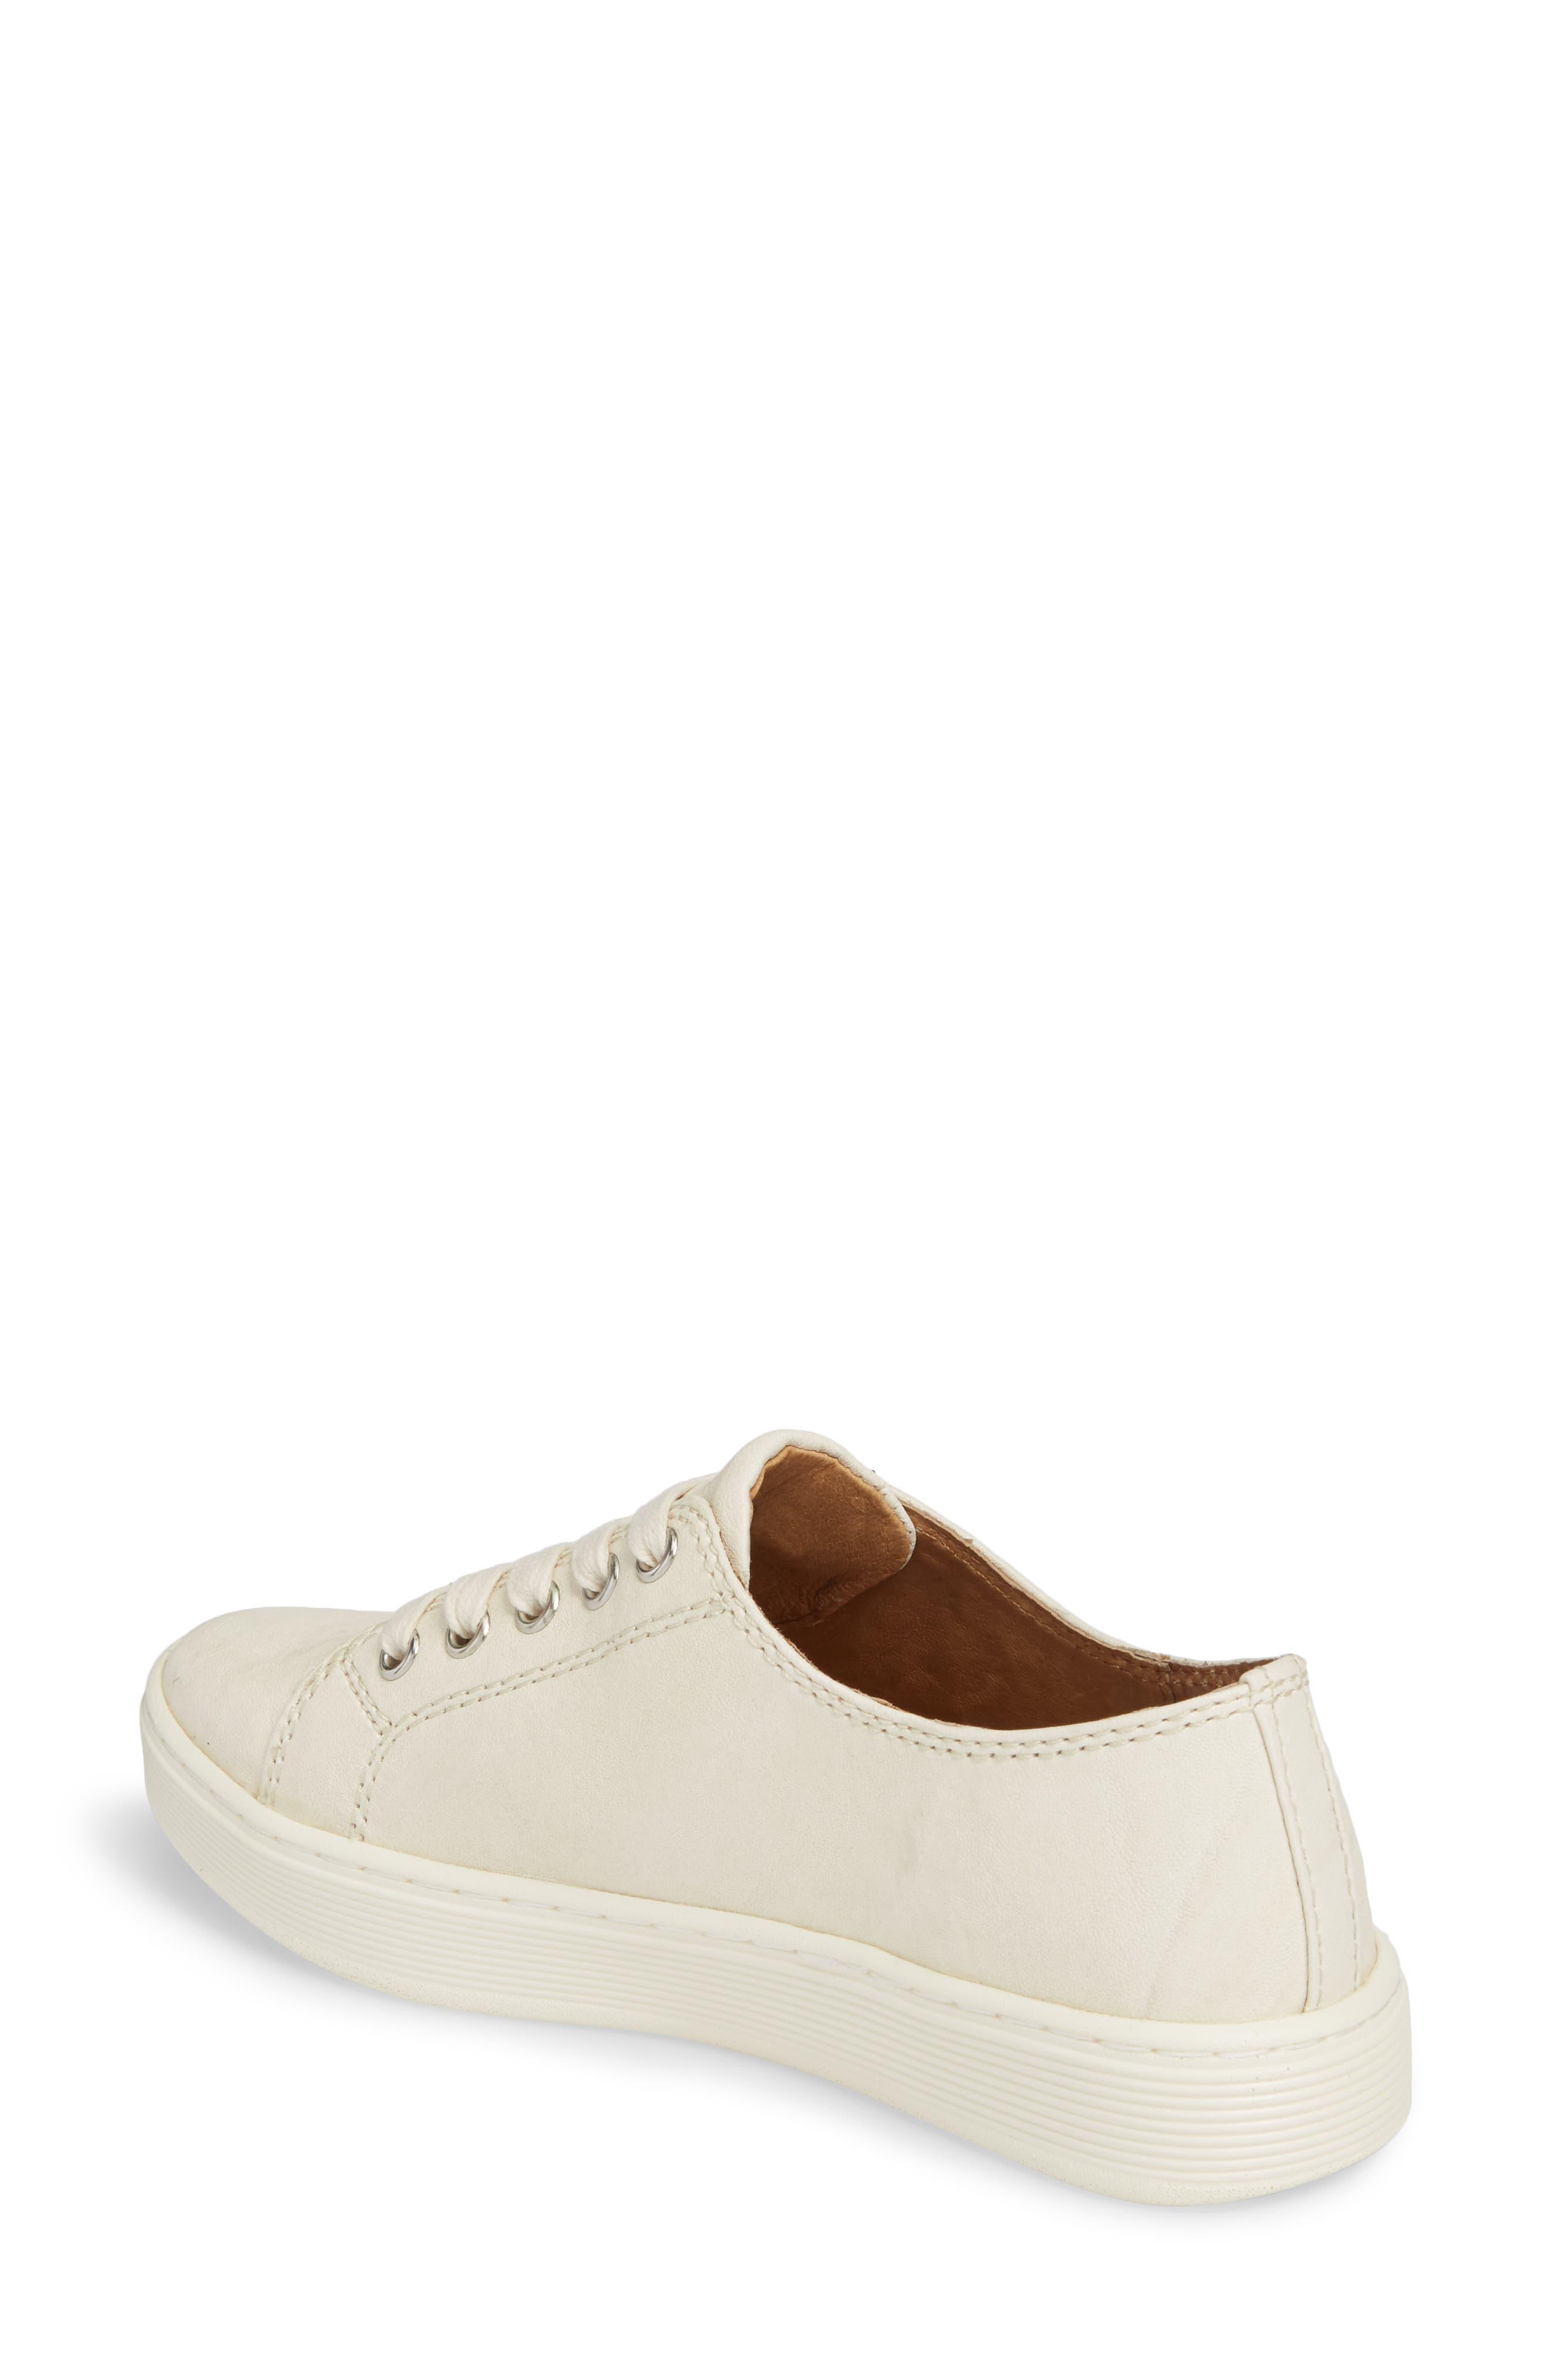 Baltazar Sneaker,                             Alternate thumbnail 2, color,                             Latte Leather